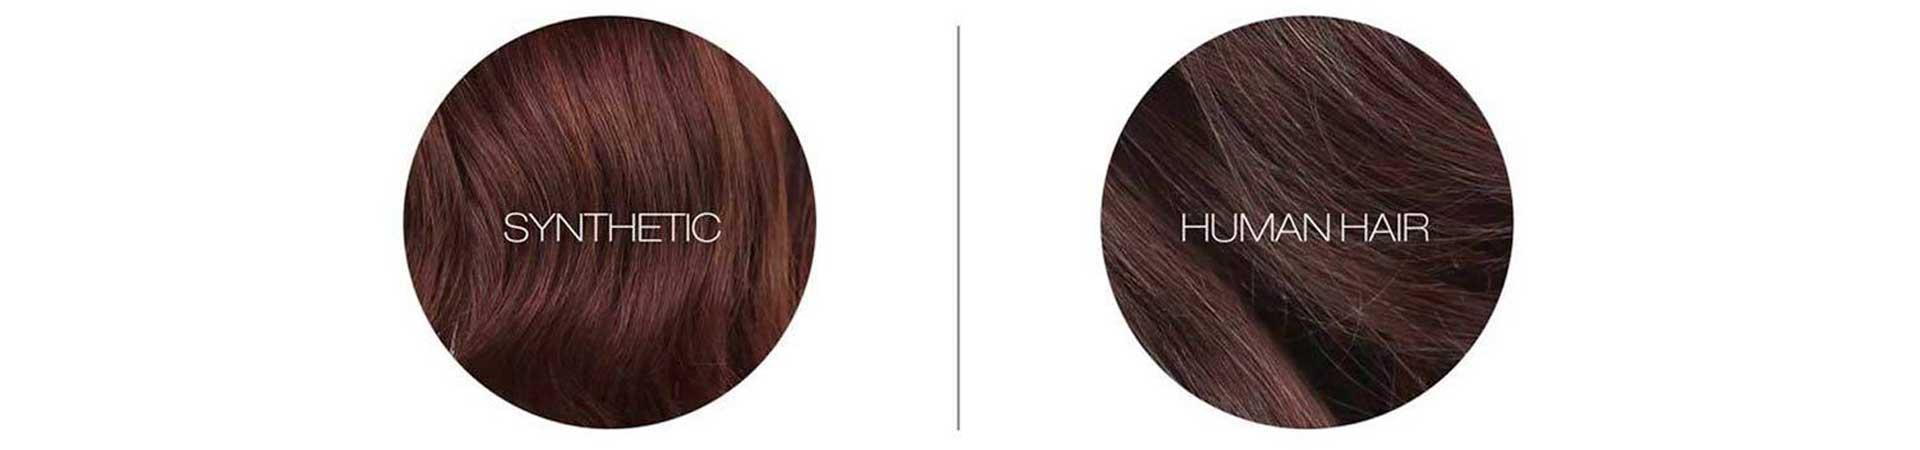 Φυσική Περούκα Παθήσεως ή Συνθετική ;